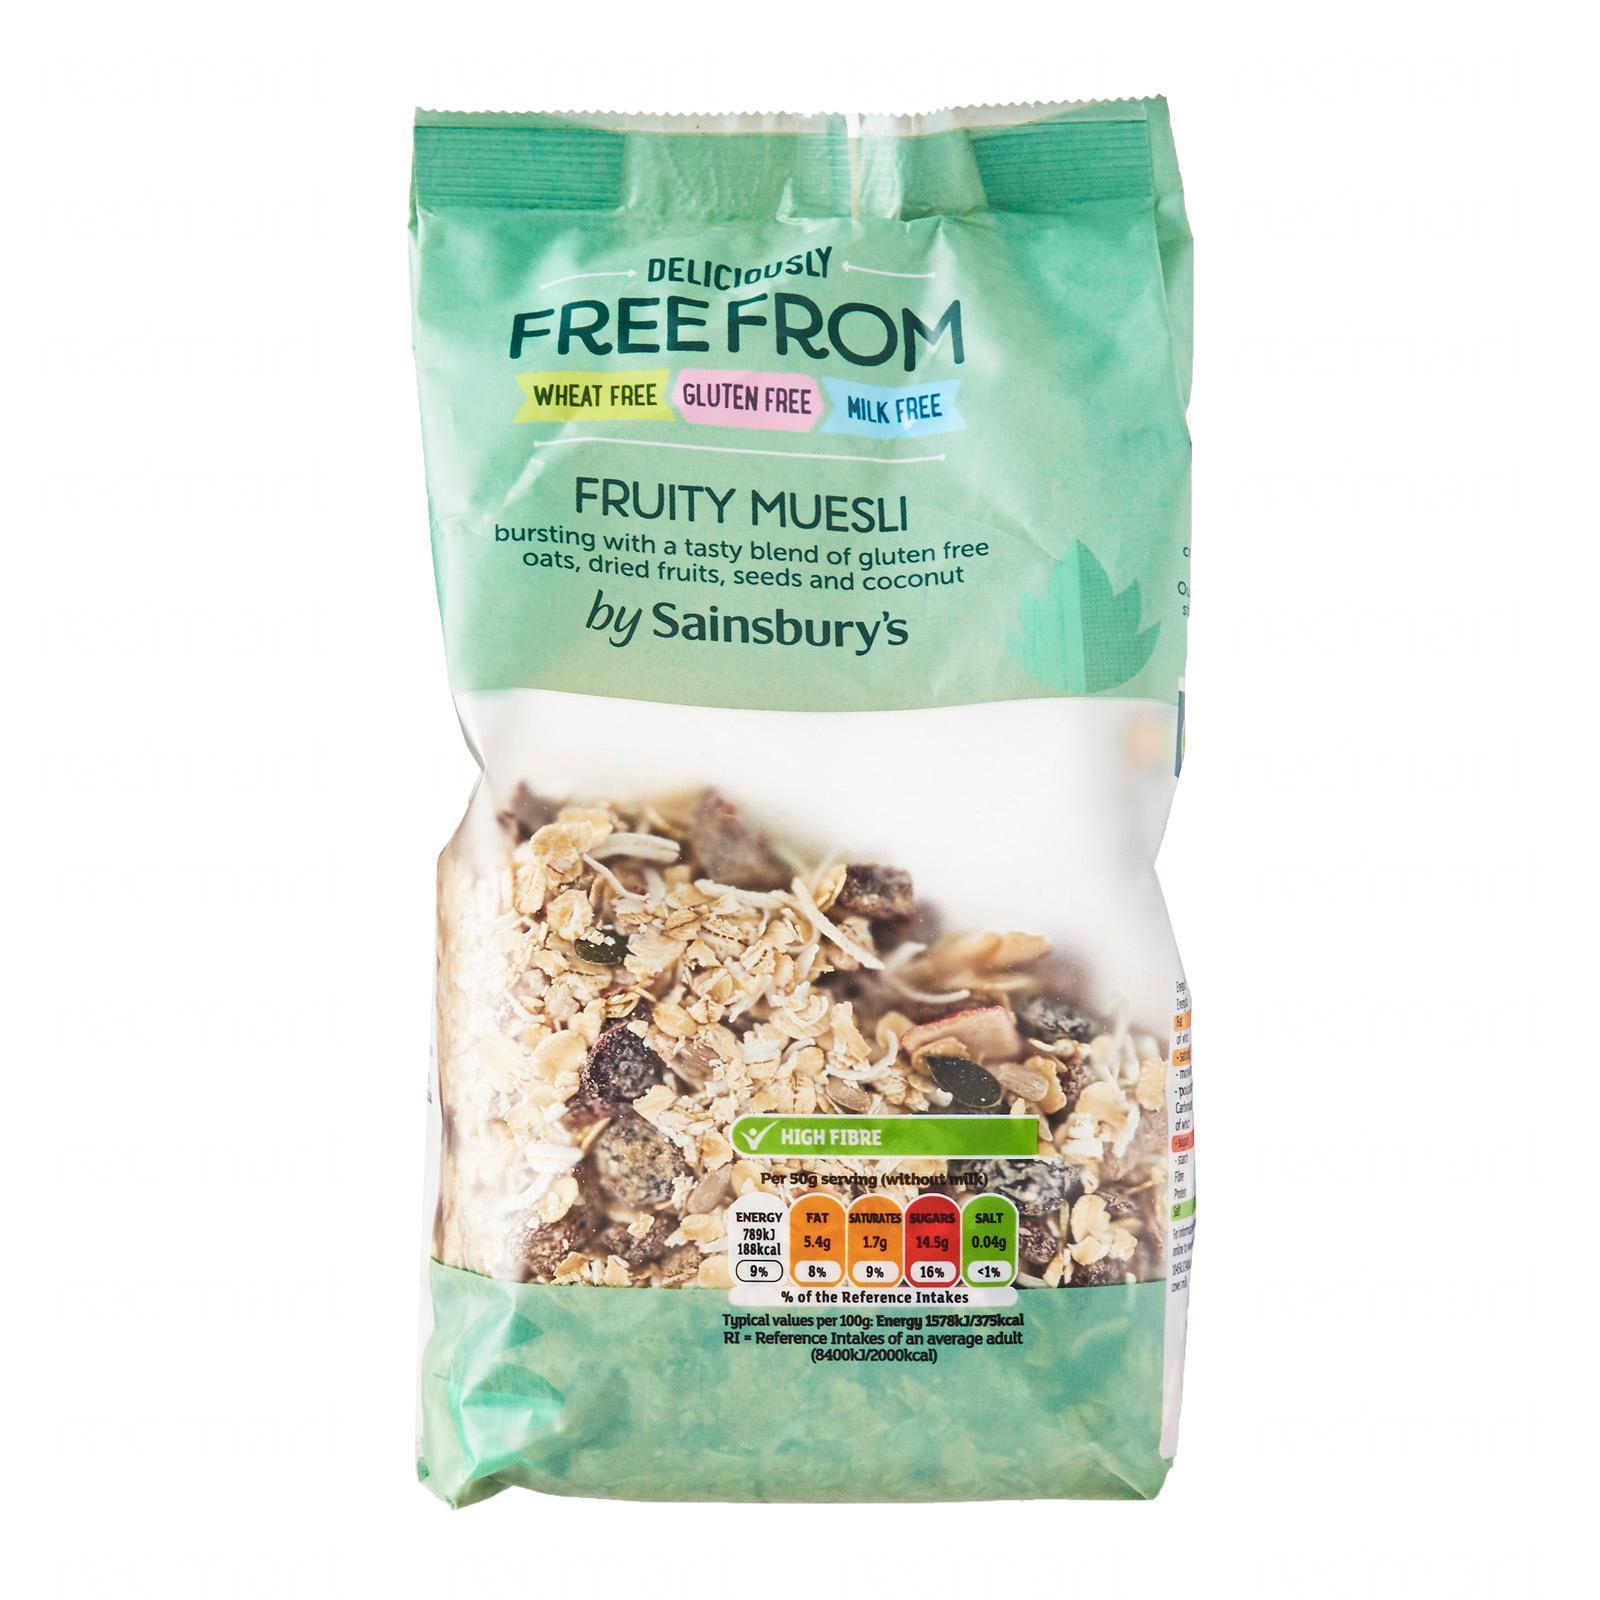 Sainsbury's Free From Fruity Muesli